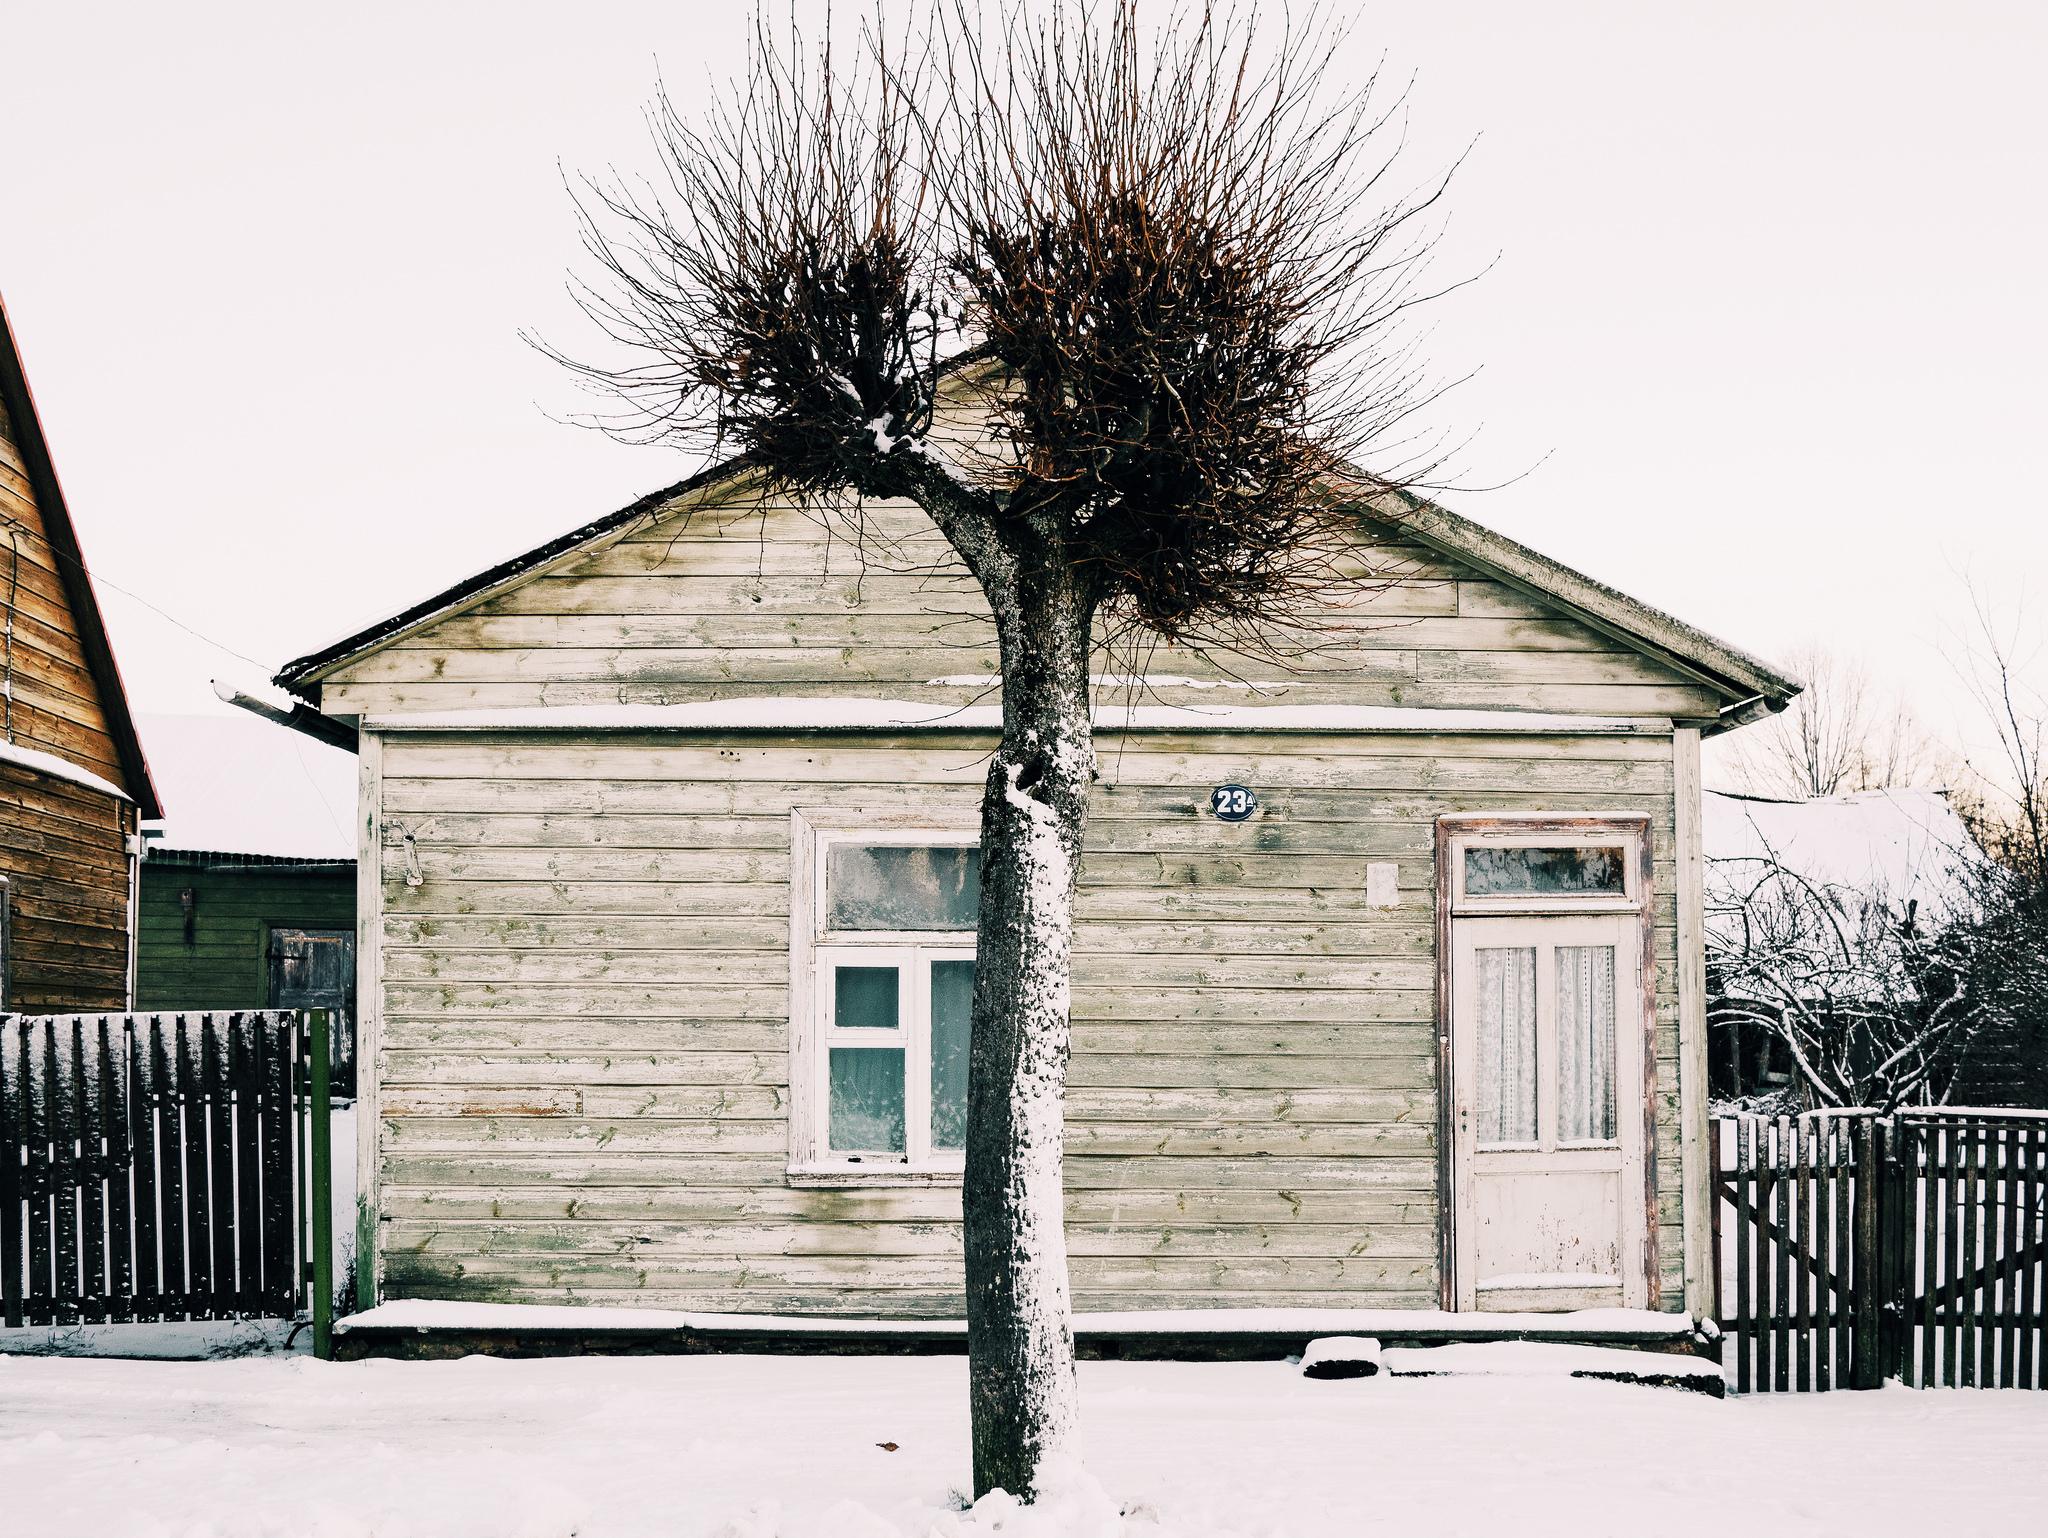 Võru, Estonia. January 2015.